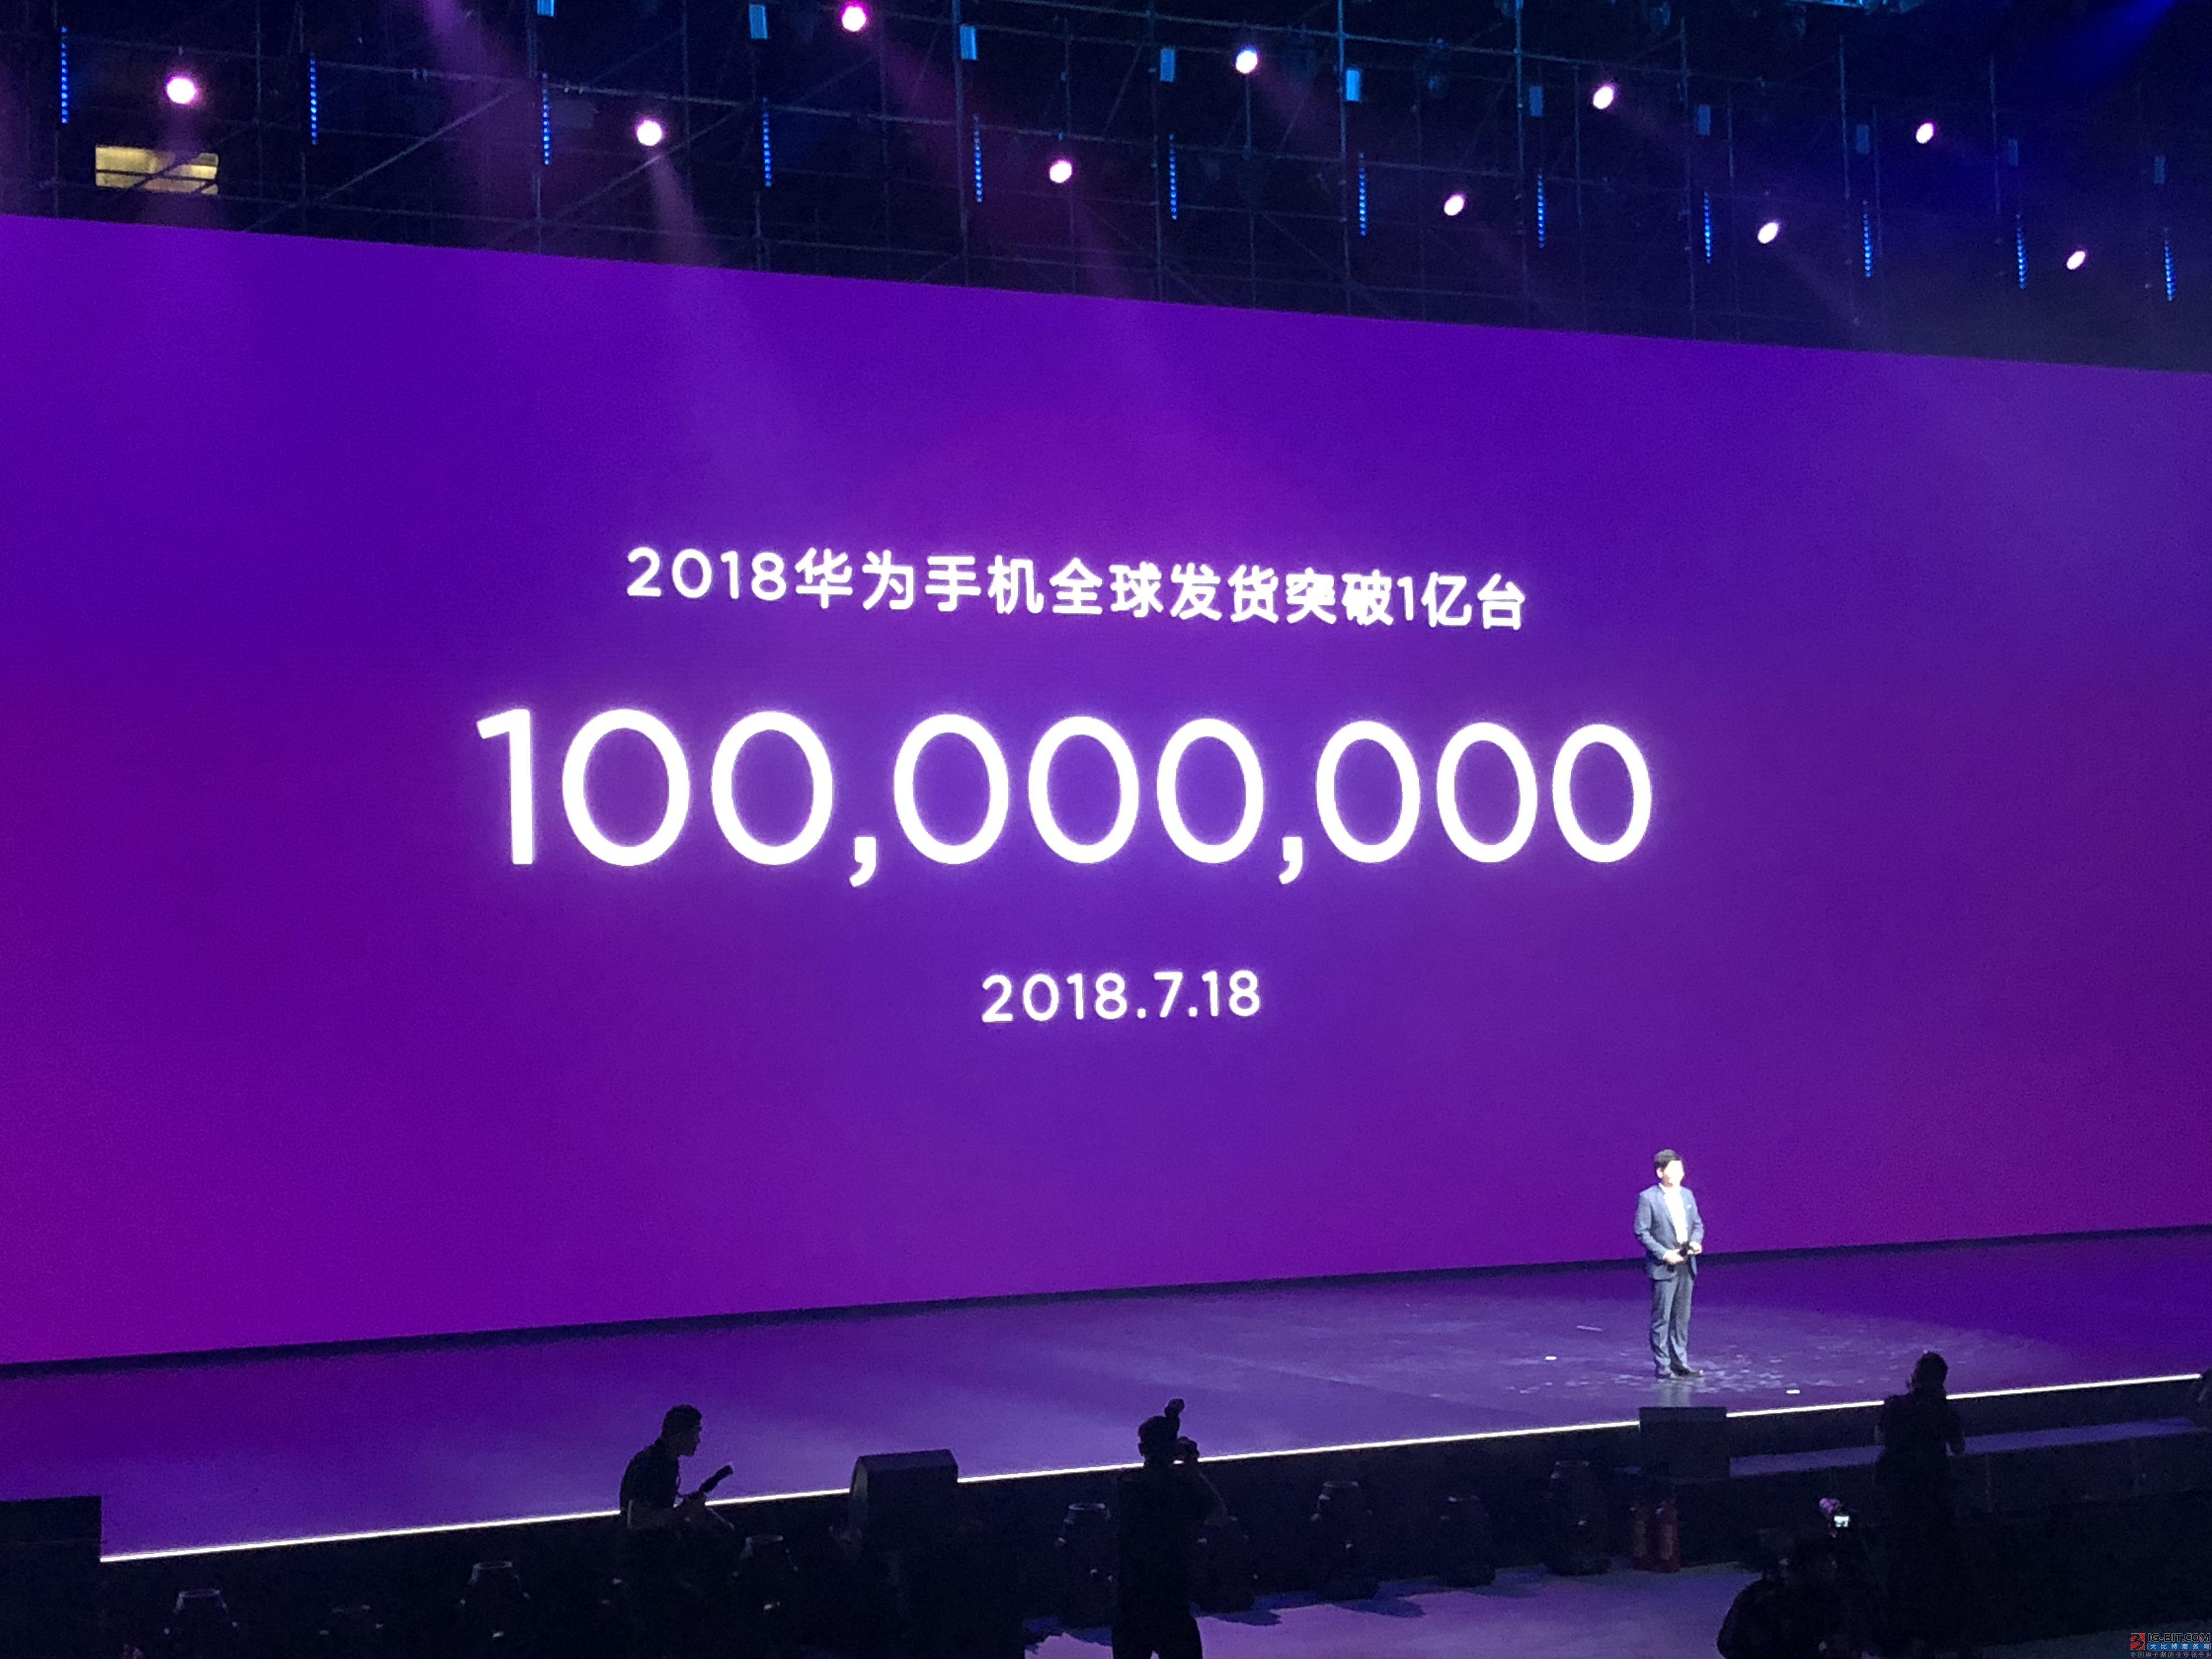 余承东:华为手机发货量突破1亿台,年底有望超越苹果